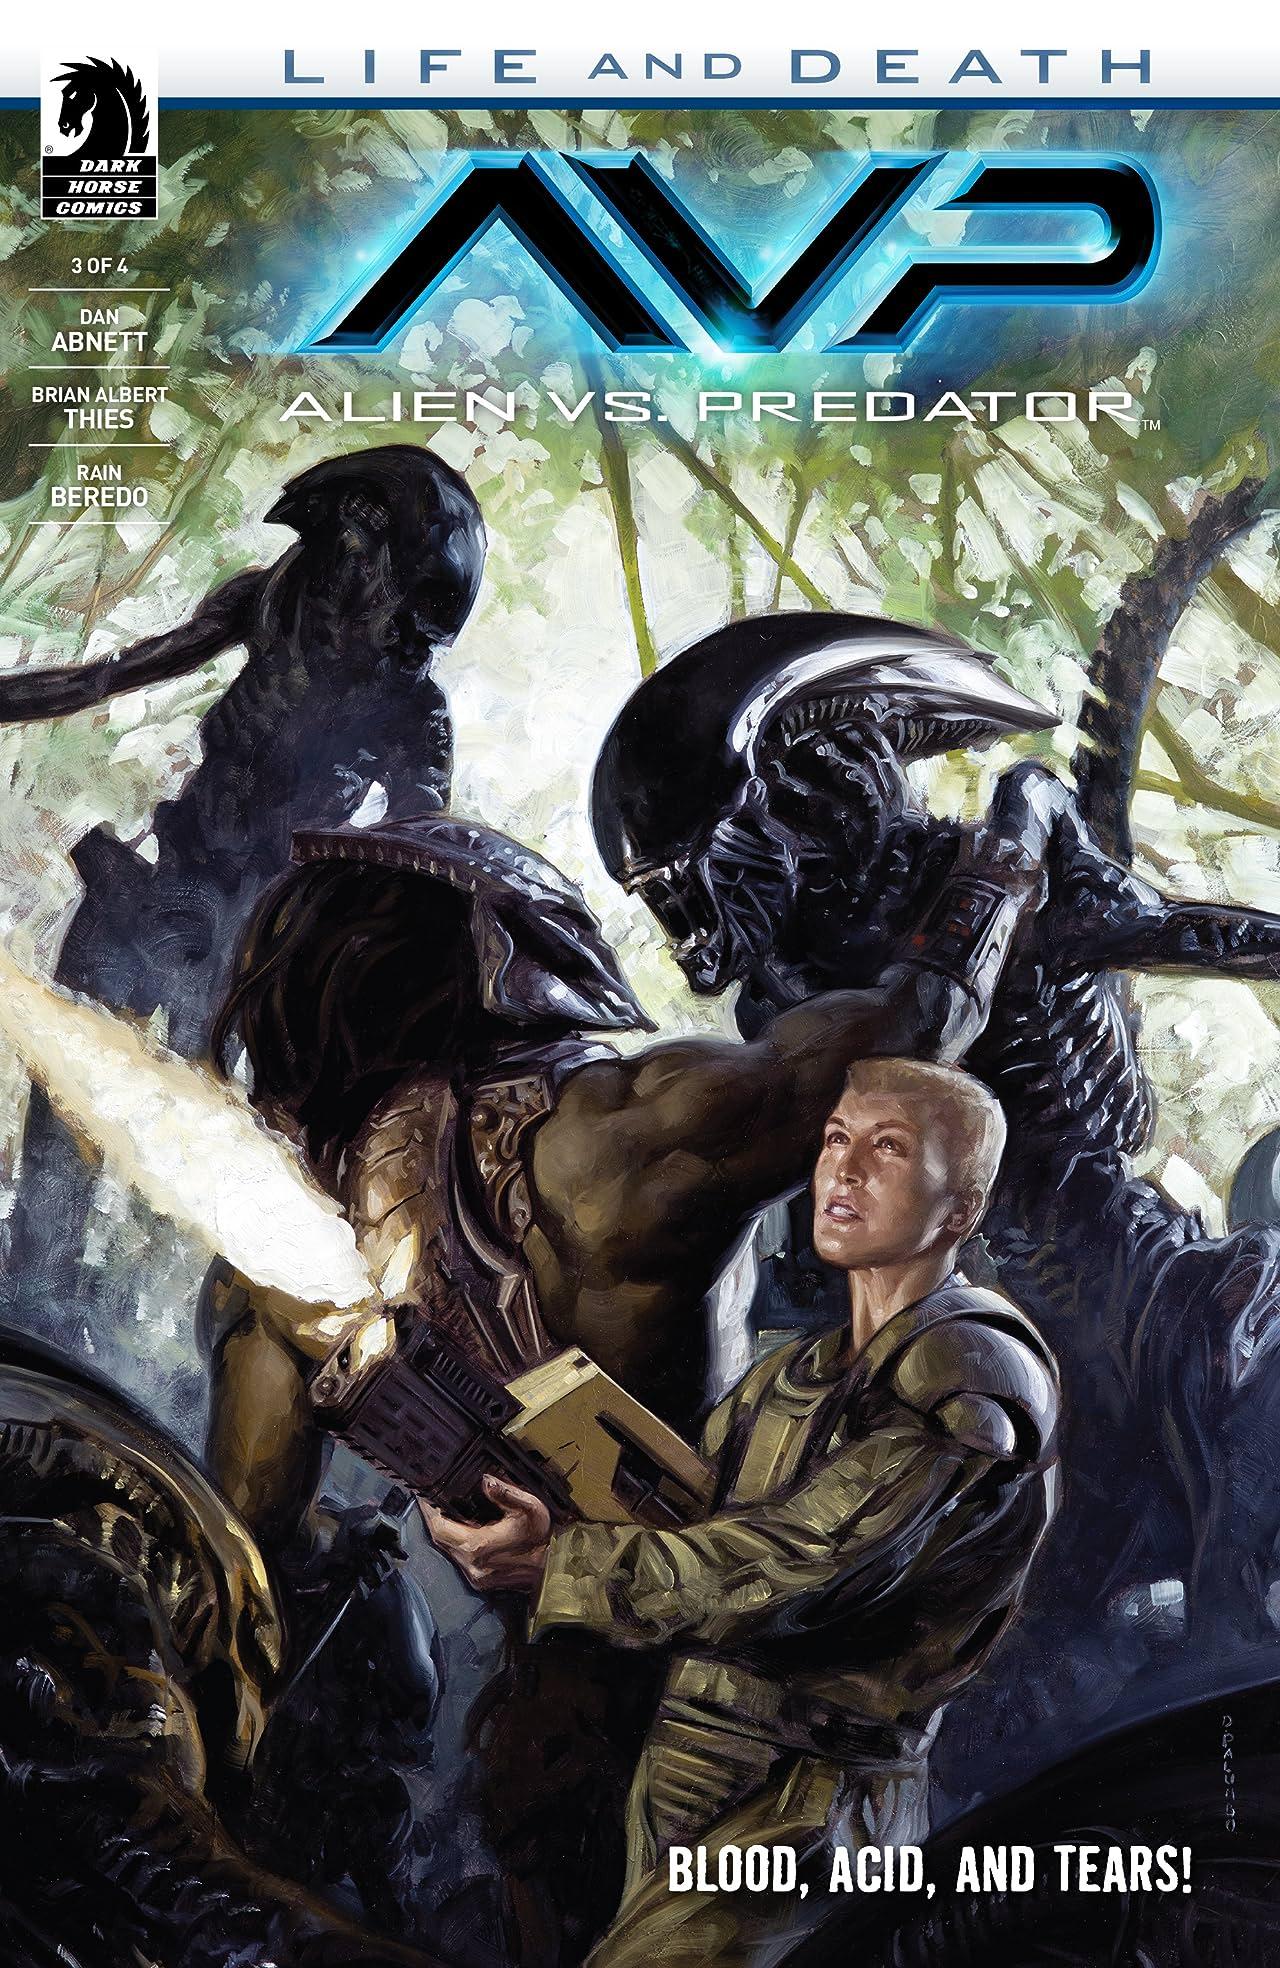 Alien vs. Predator: Life and Death #3